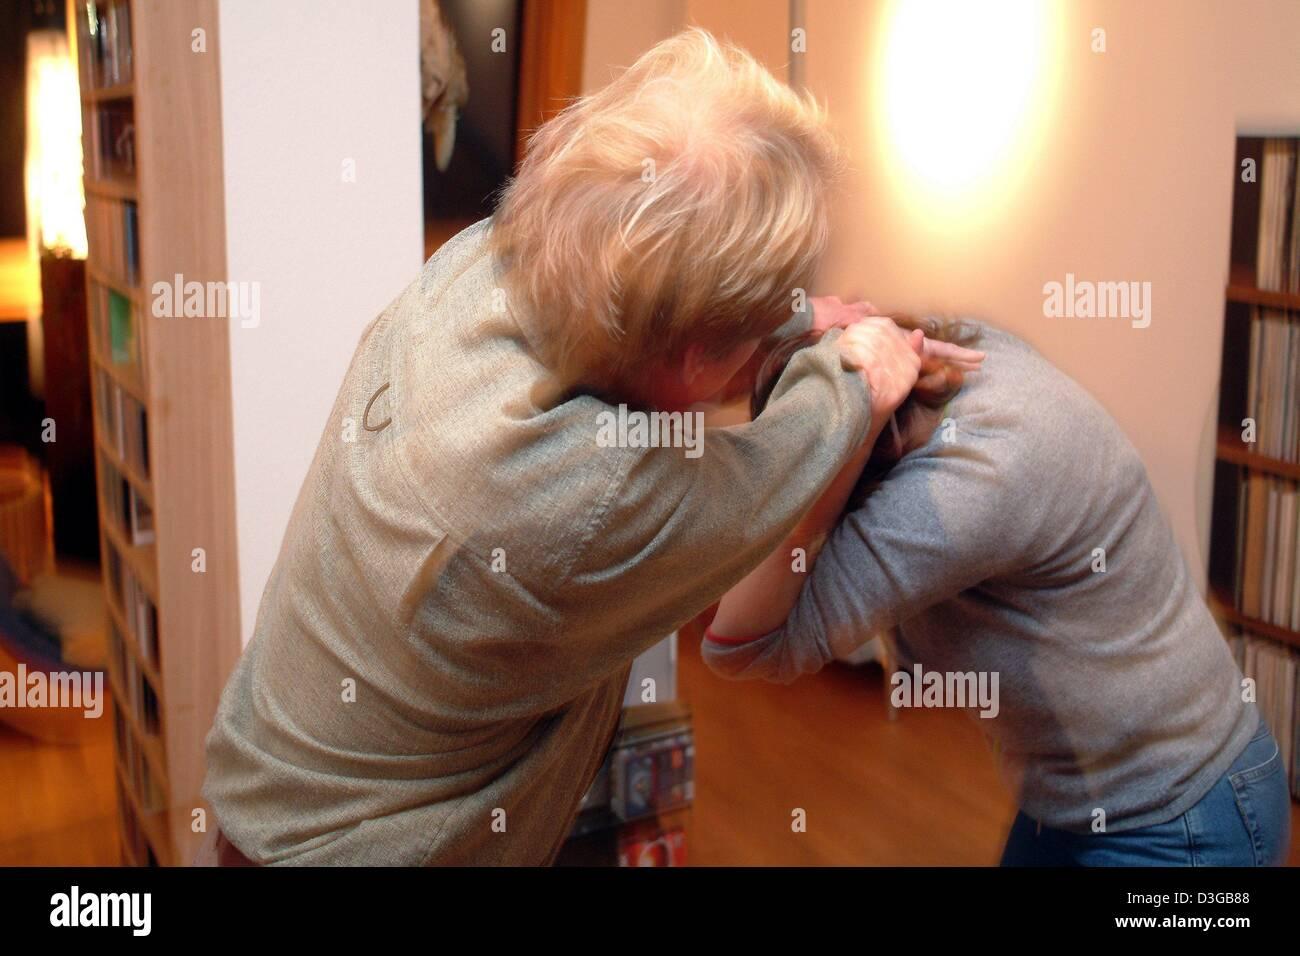 (Dpa) - kämpft ein verheiratetes Paar heftig gegeneinander in Frankfurt am Main, 27. Oktober 2004. (inszenierten Stockbild